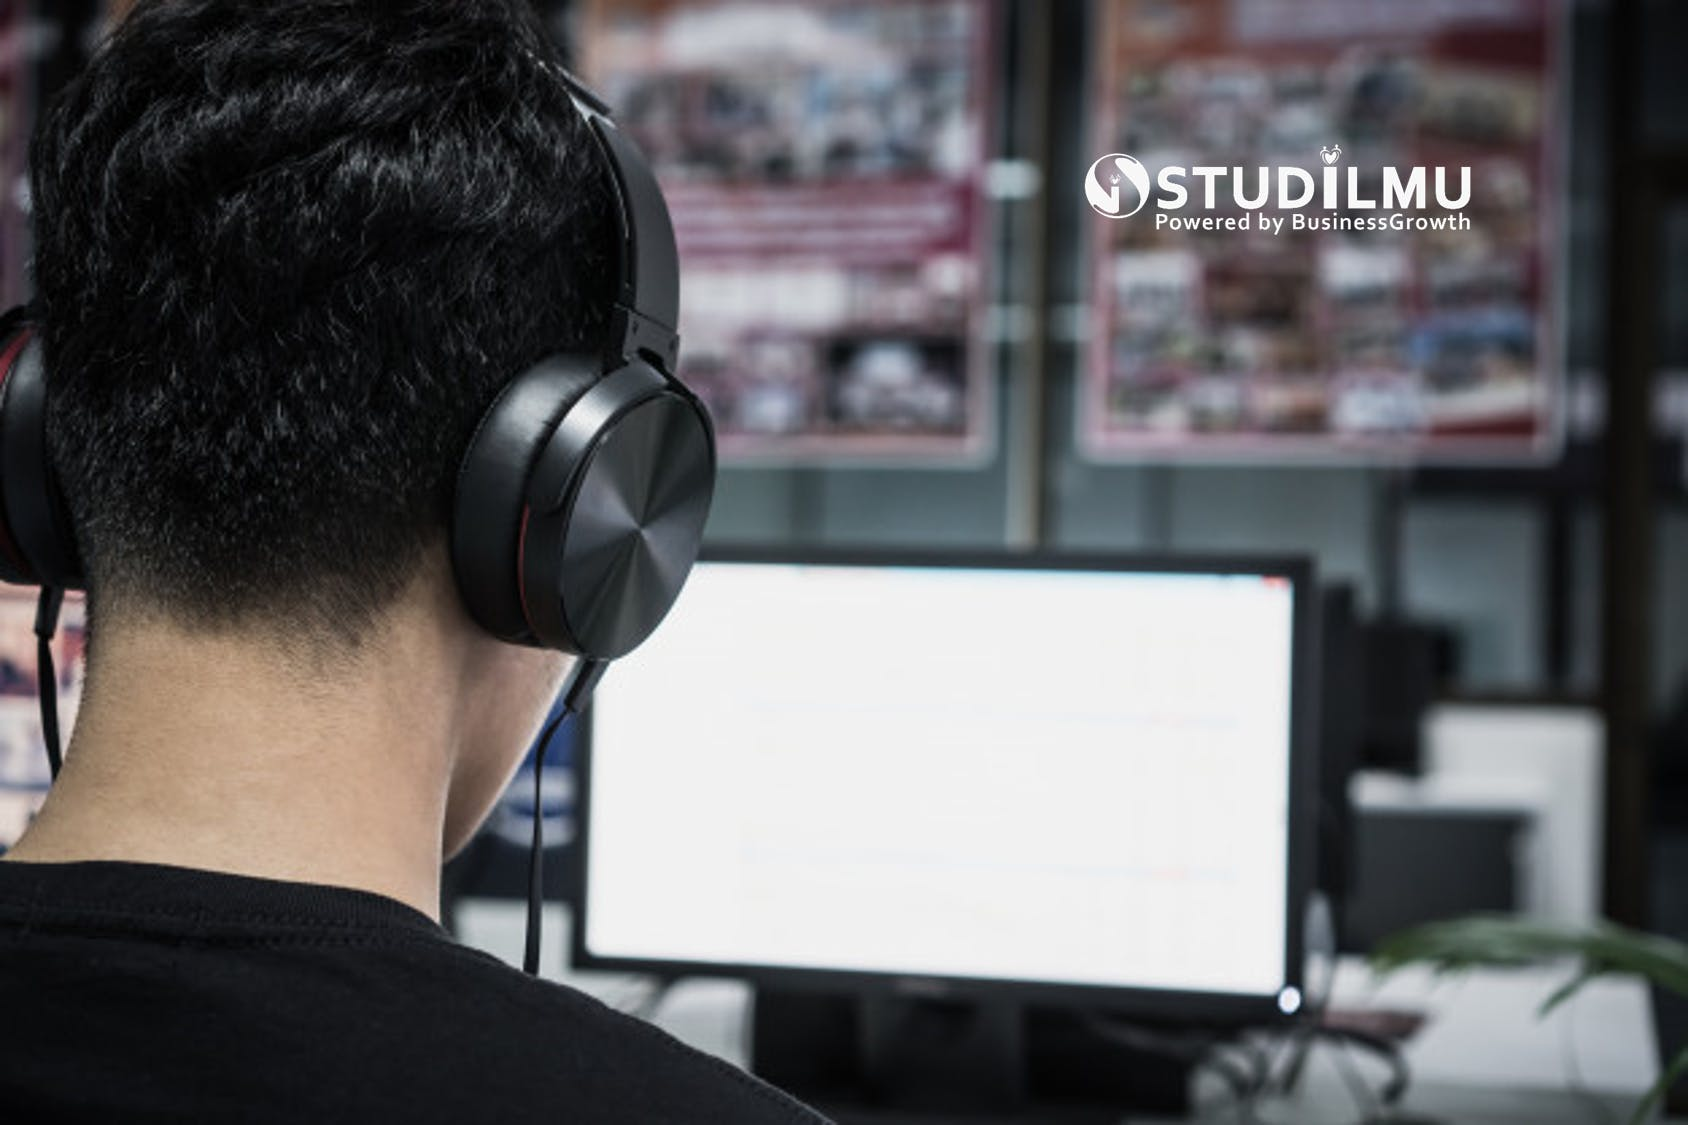 STUDILMU Career Advice - Pengertian Moodle dan 9 Fungsi Moodle di dalam Bisnis